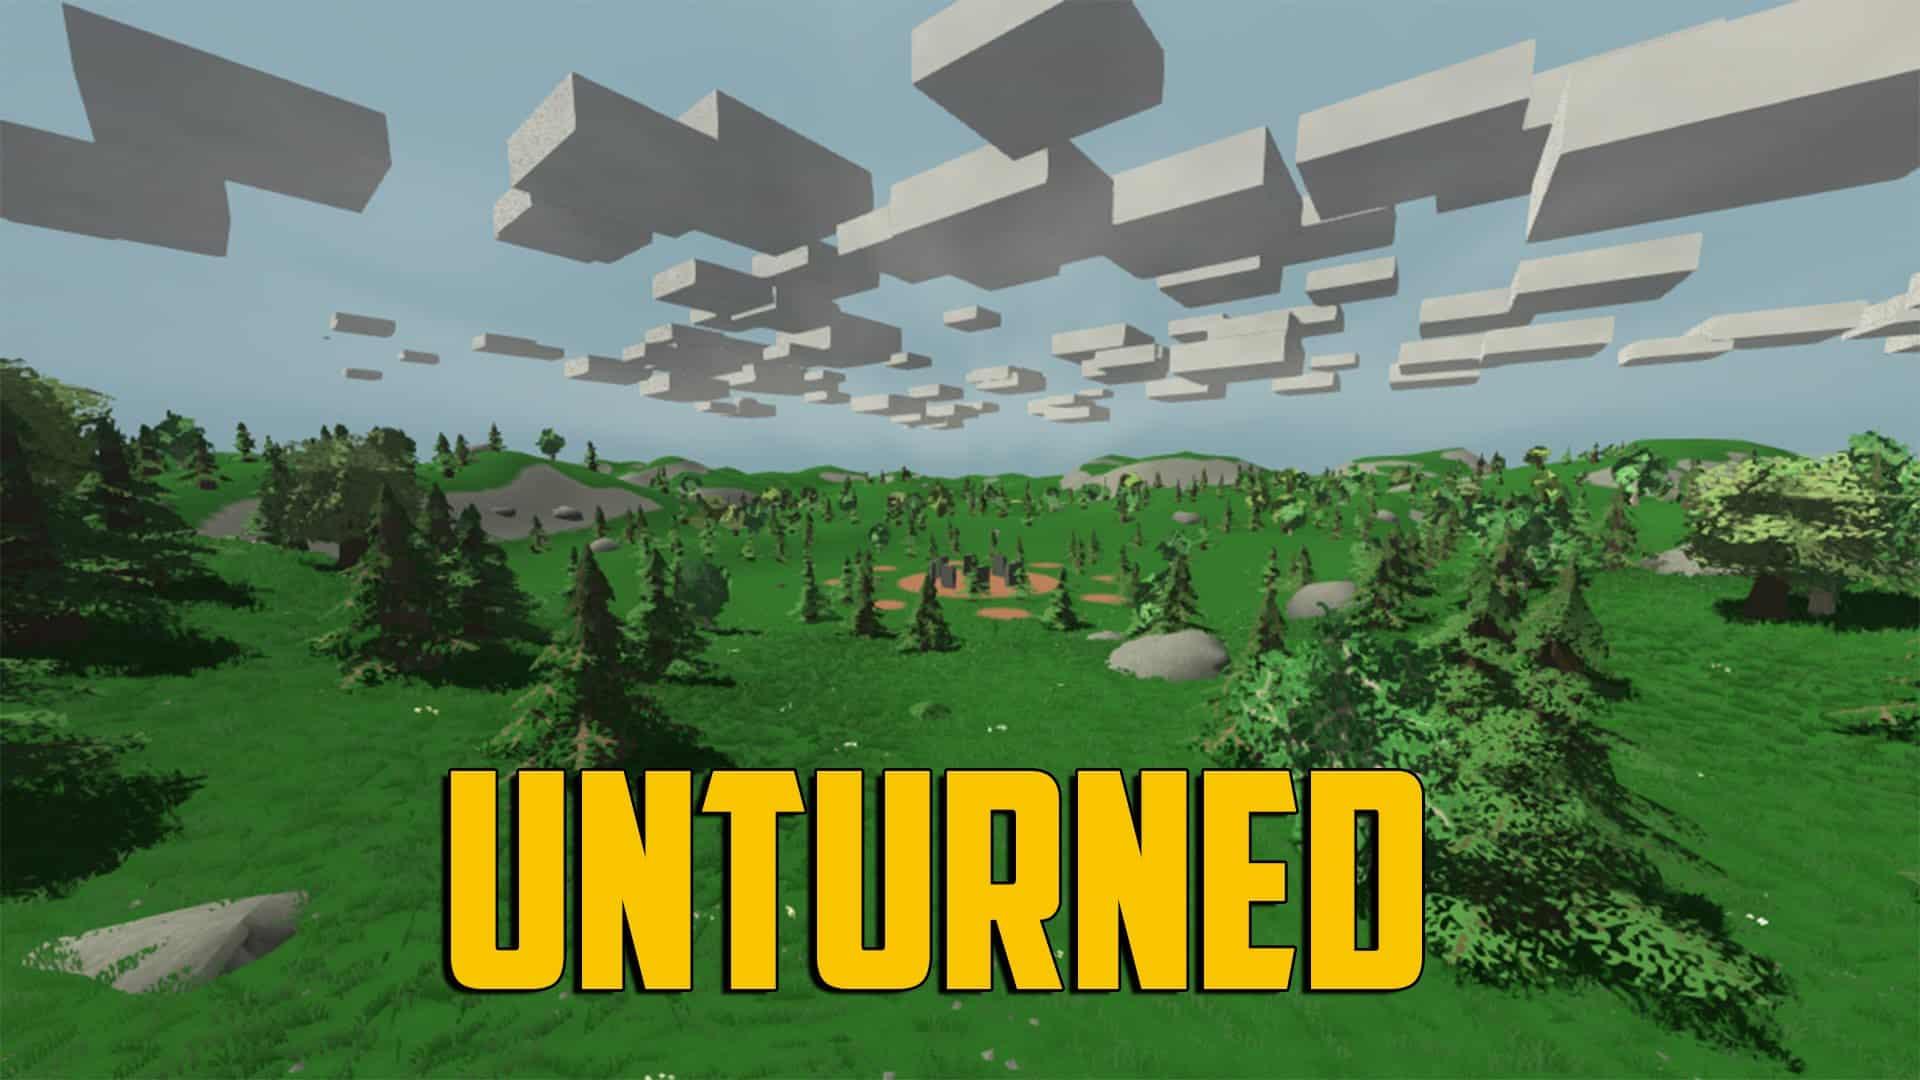 無料ゾンビサバイバル『Unturned』の日本語化やり方・設定方